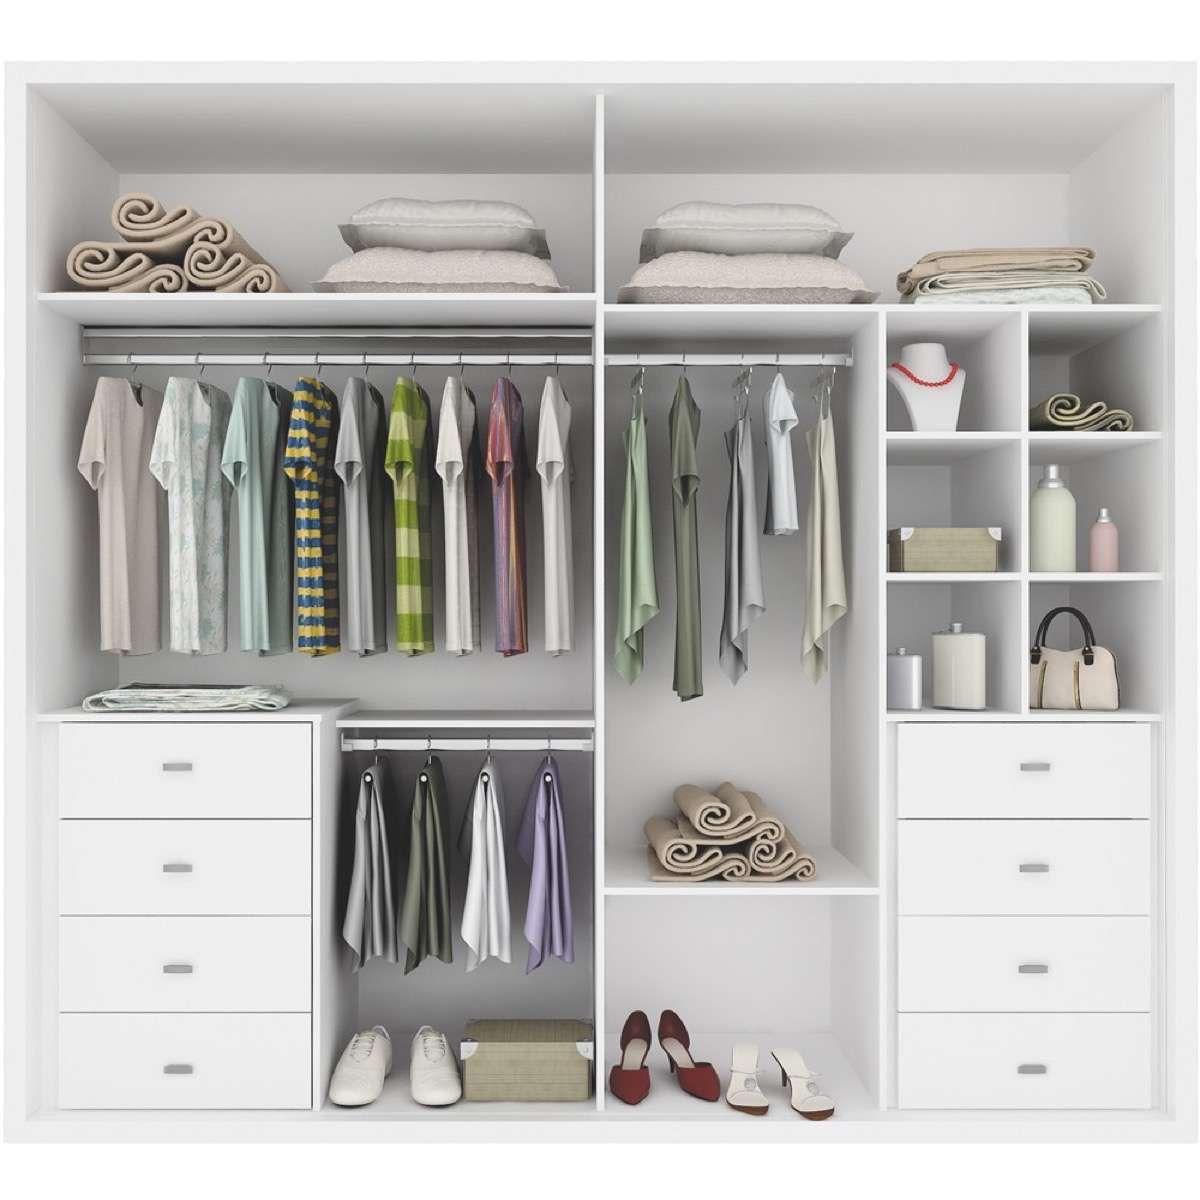 Distribuci n de armarios c mo organizar la ropa para tenerla ordenada espacios closet - Organizar armarios empotrados ...